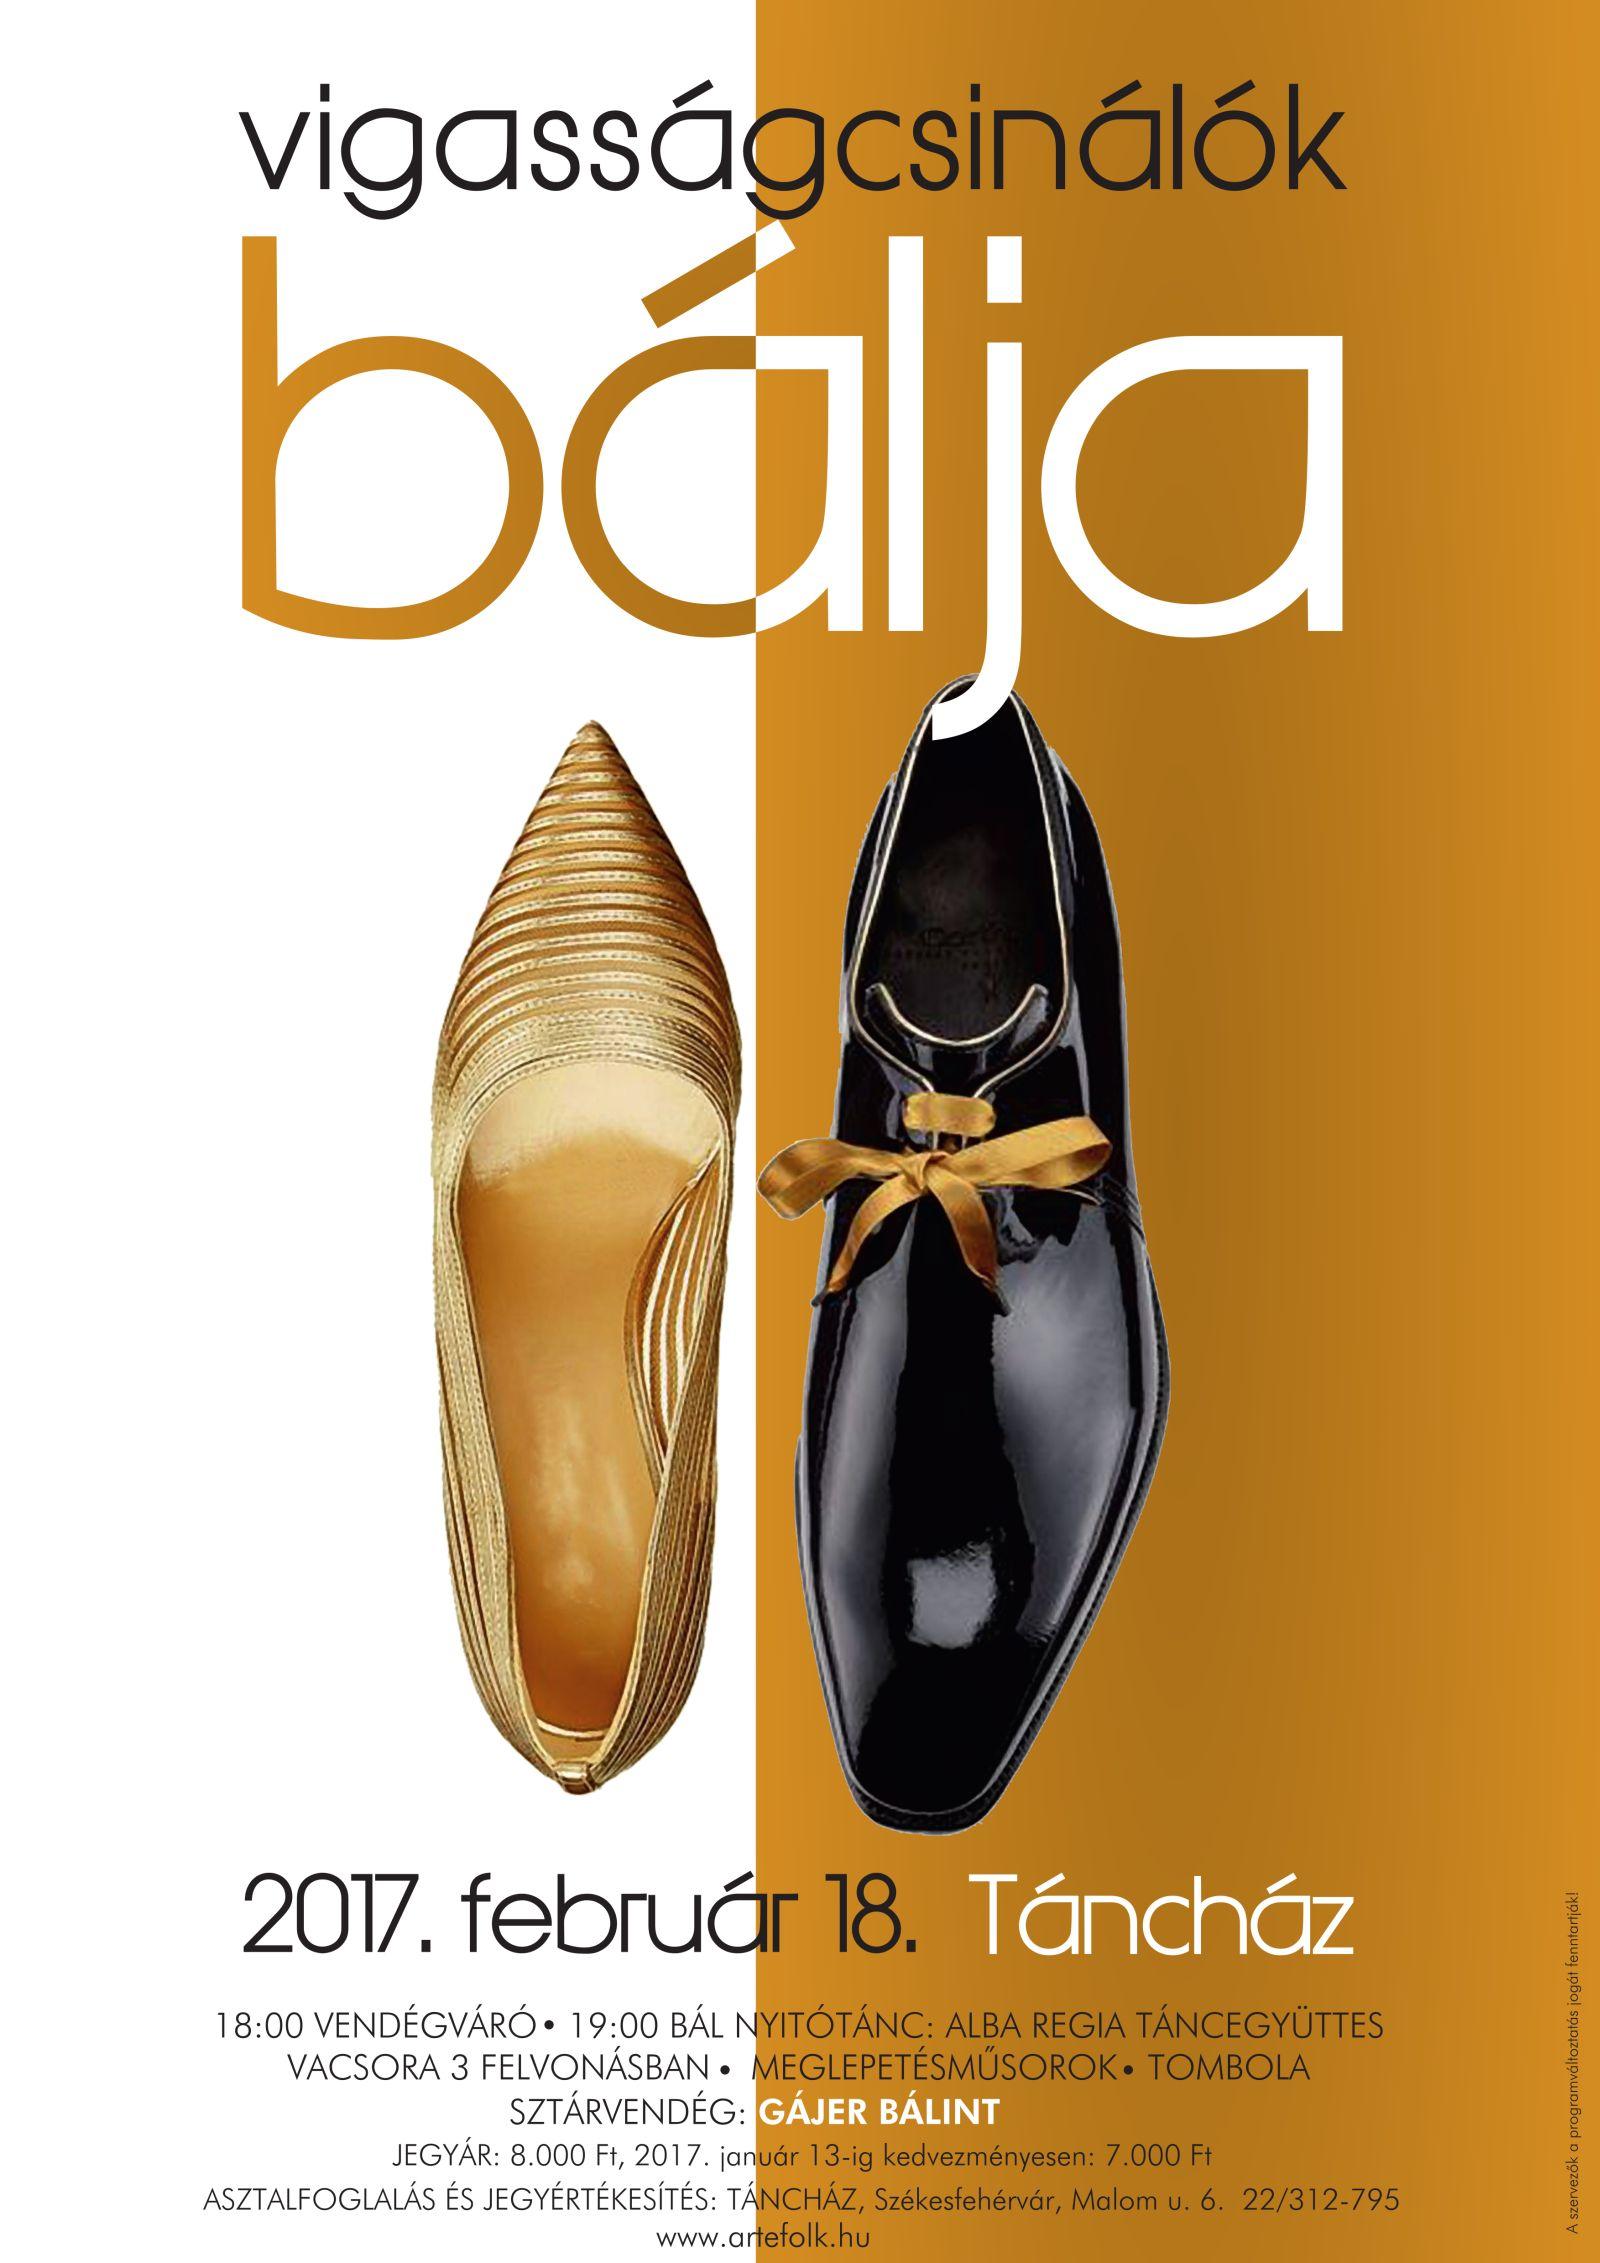 a6bd0ee89b Táncos mulatságot hirdet a Táncház: február 18-án-án rendezik a  Vigasságcsinálók Bálját. A rendezvény 18 órakor Vendégváróval kezdődik,  majd az Alba Regia ...